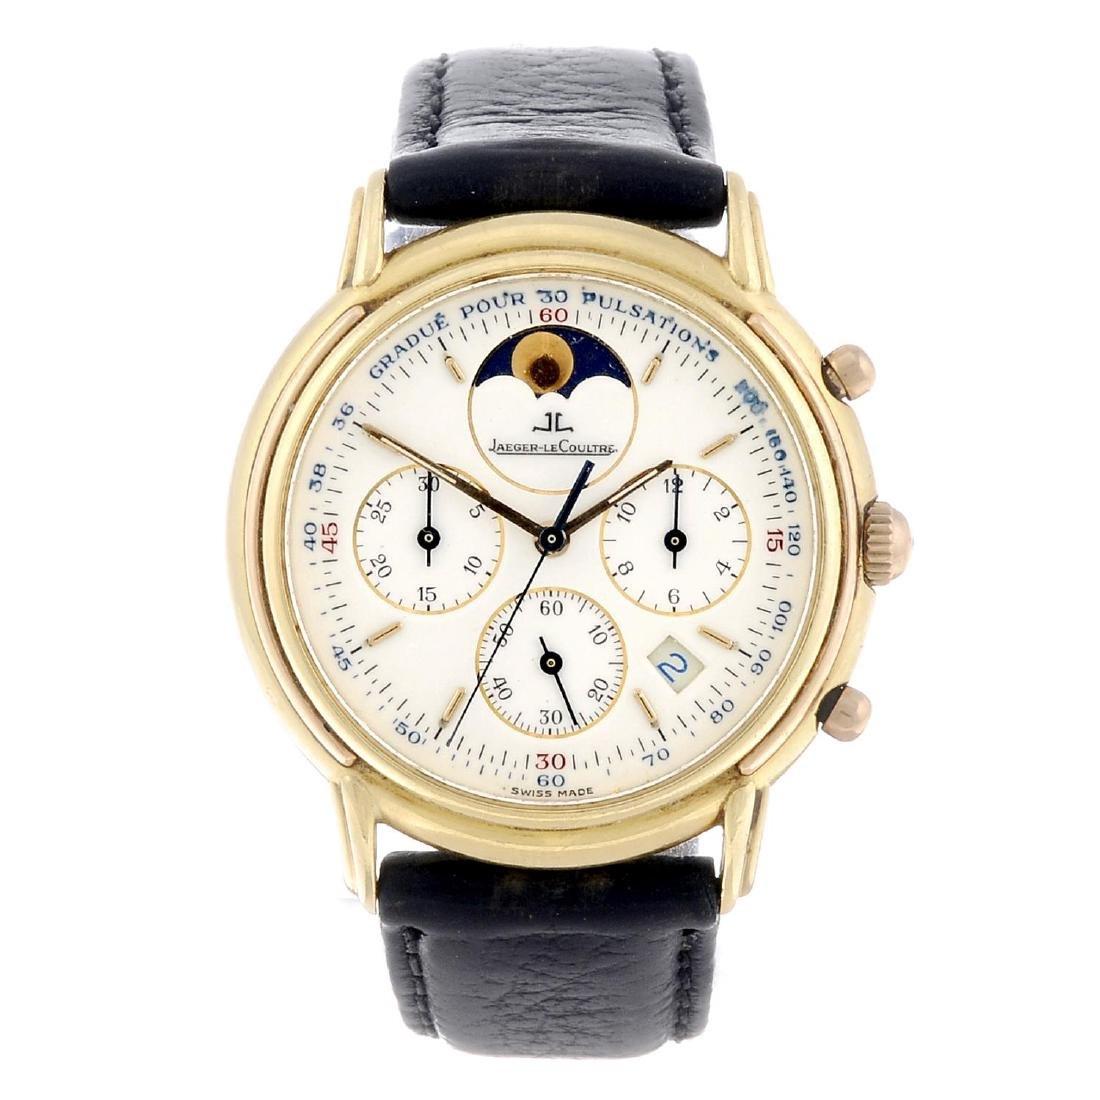 JAEGER-LECOULTRE - a gentleman's Odysseus chronograph